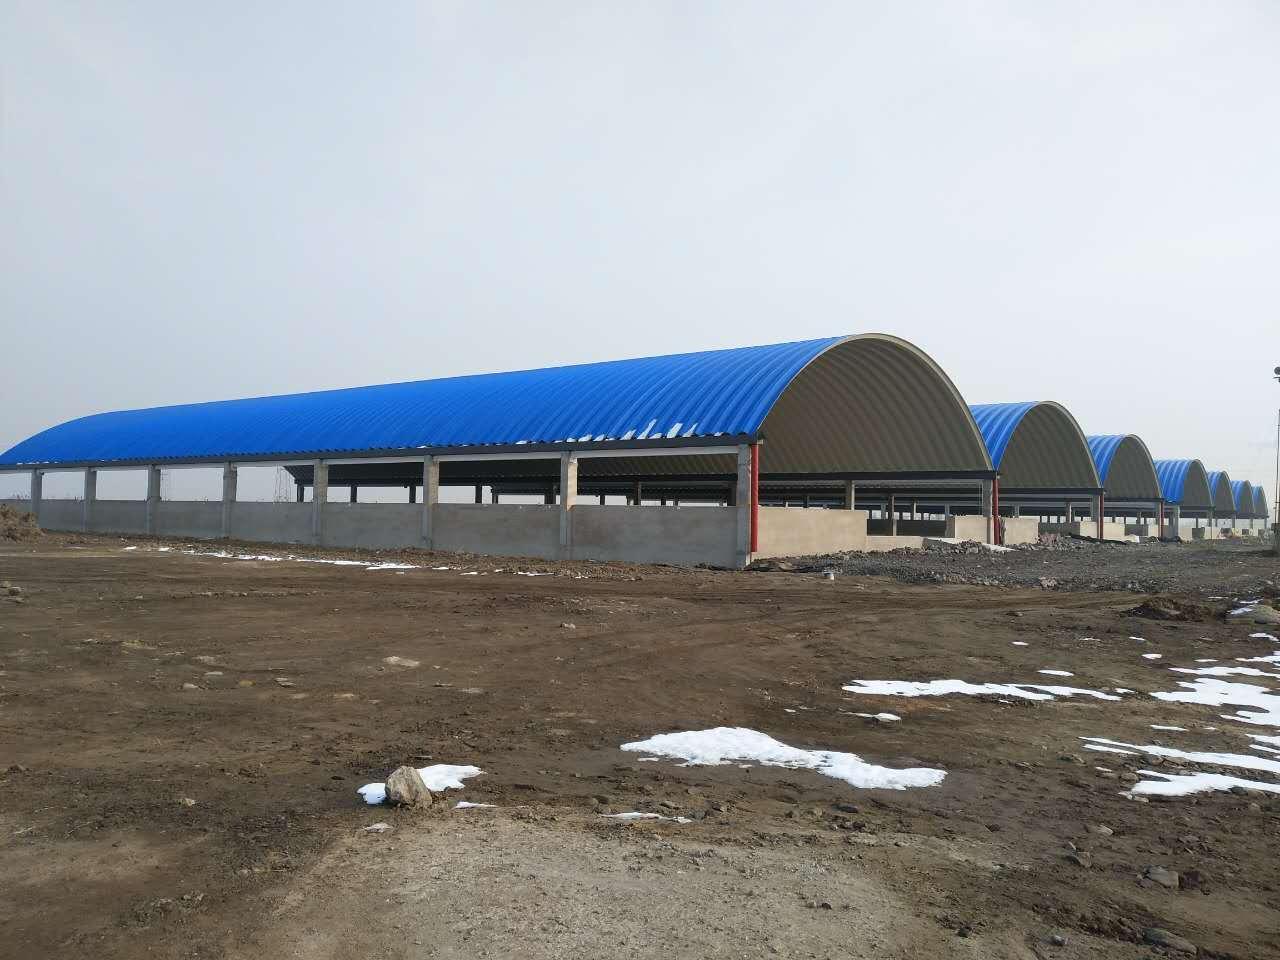 各种大跨度金属波纹拱形屋顶,彩钢复合板屋顶,广泛用于大型厂房